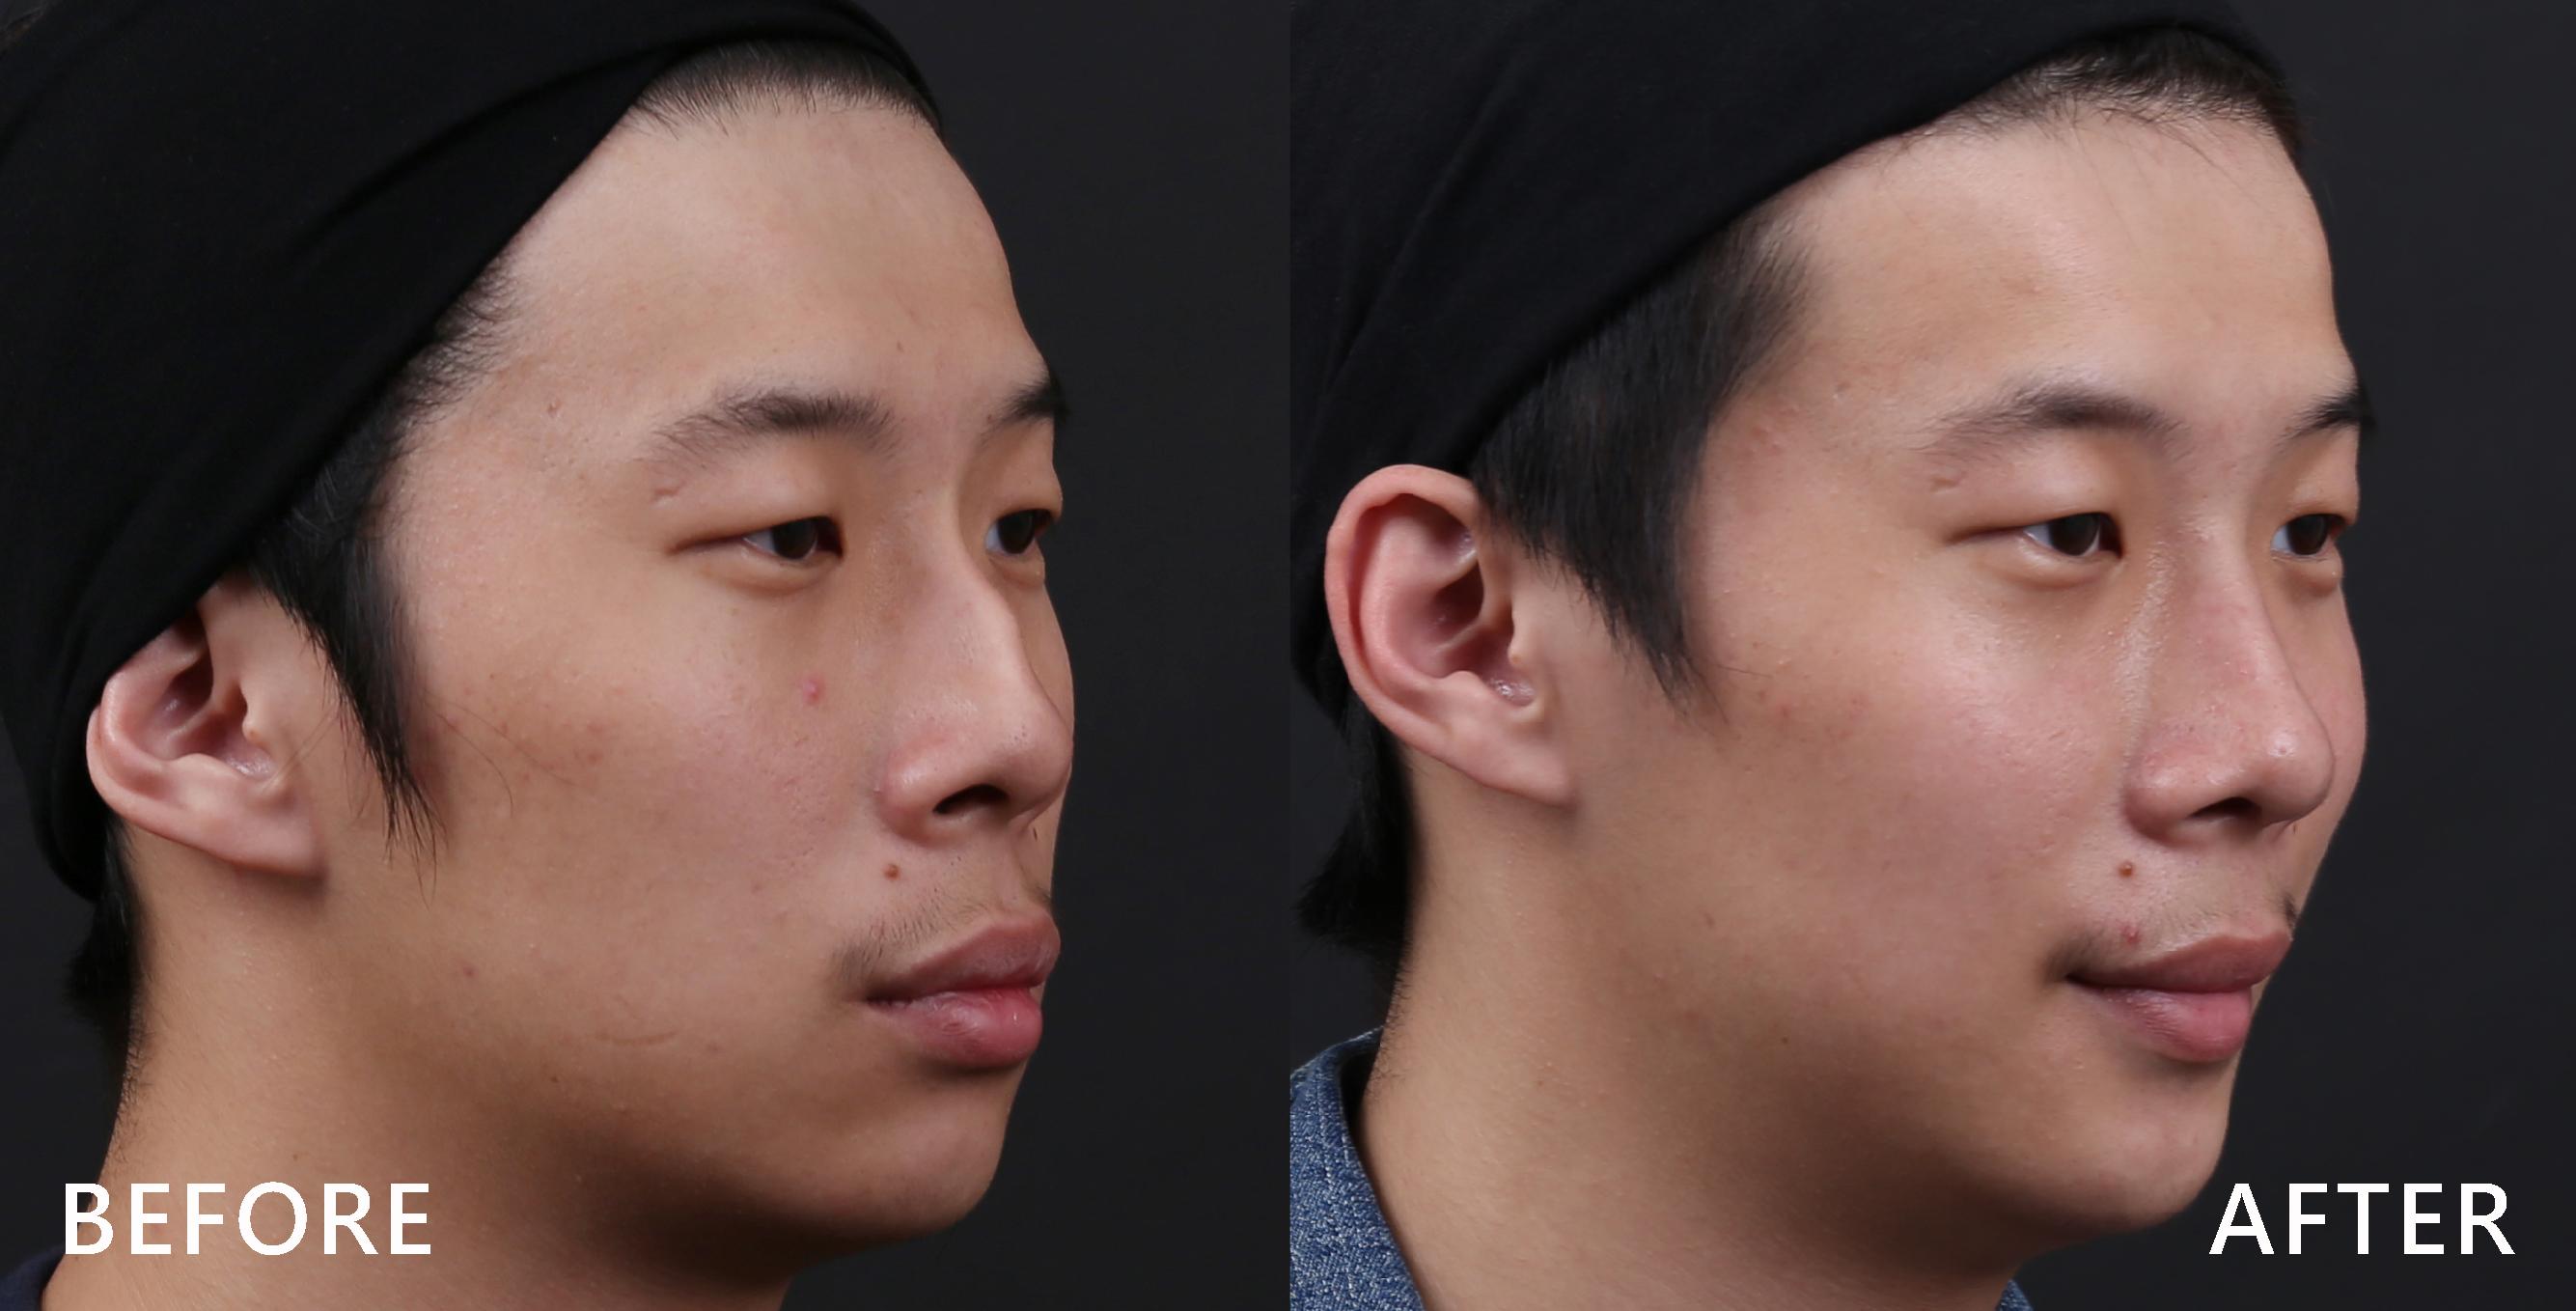 我的鼻型駝峰明顯凸出,經過陳醫師的巧手,線條變直順,整體感覺很協調!